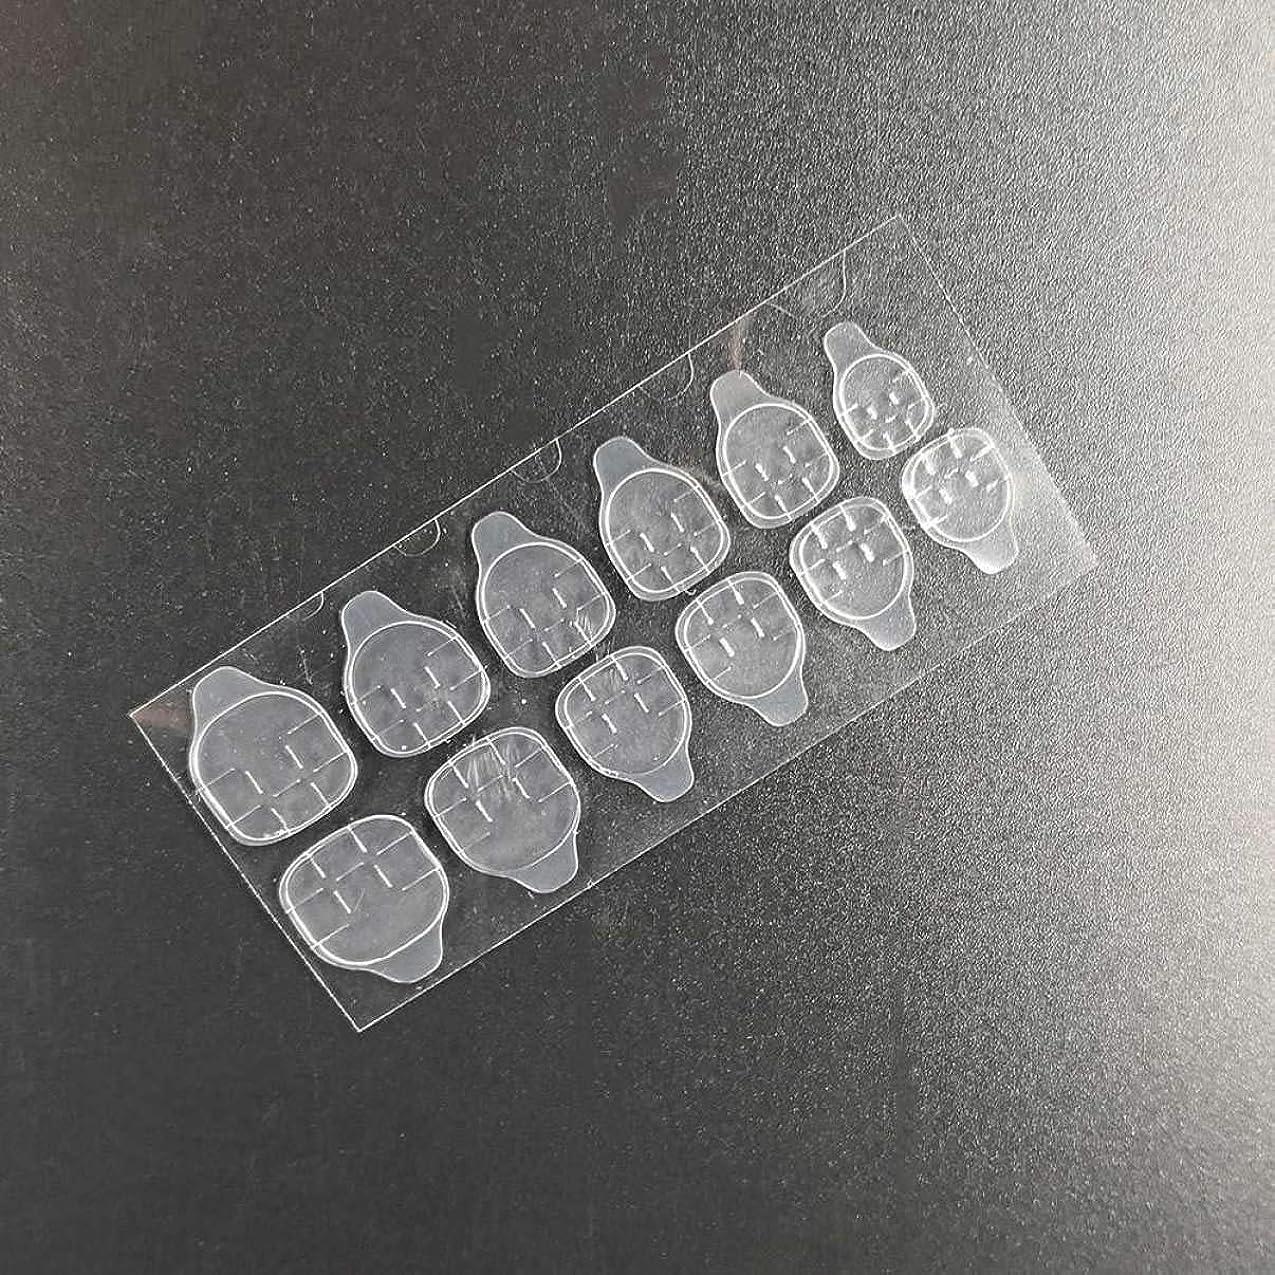 不利益エスカレーターラケットQuzama-JS ニースネイルゼリー両面粘着テープ透明ネイルグルーステッカーネイルアート美容実用実用ネイルゼリーステッカー(None Clear strip)